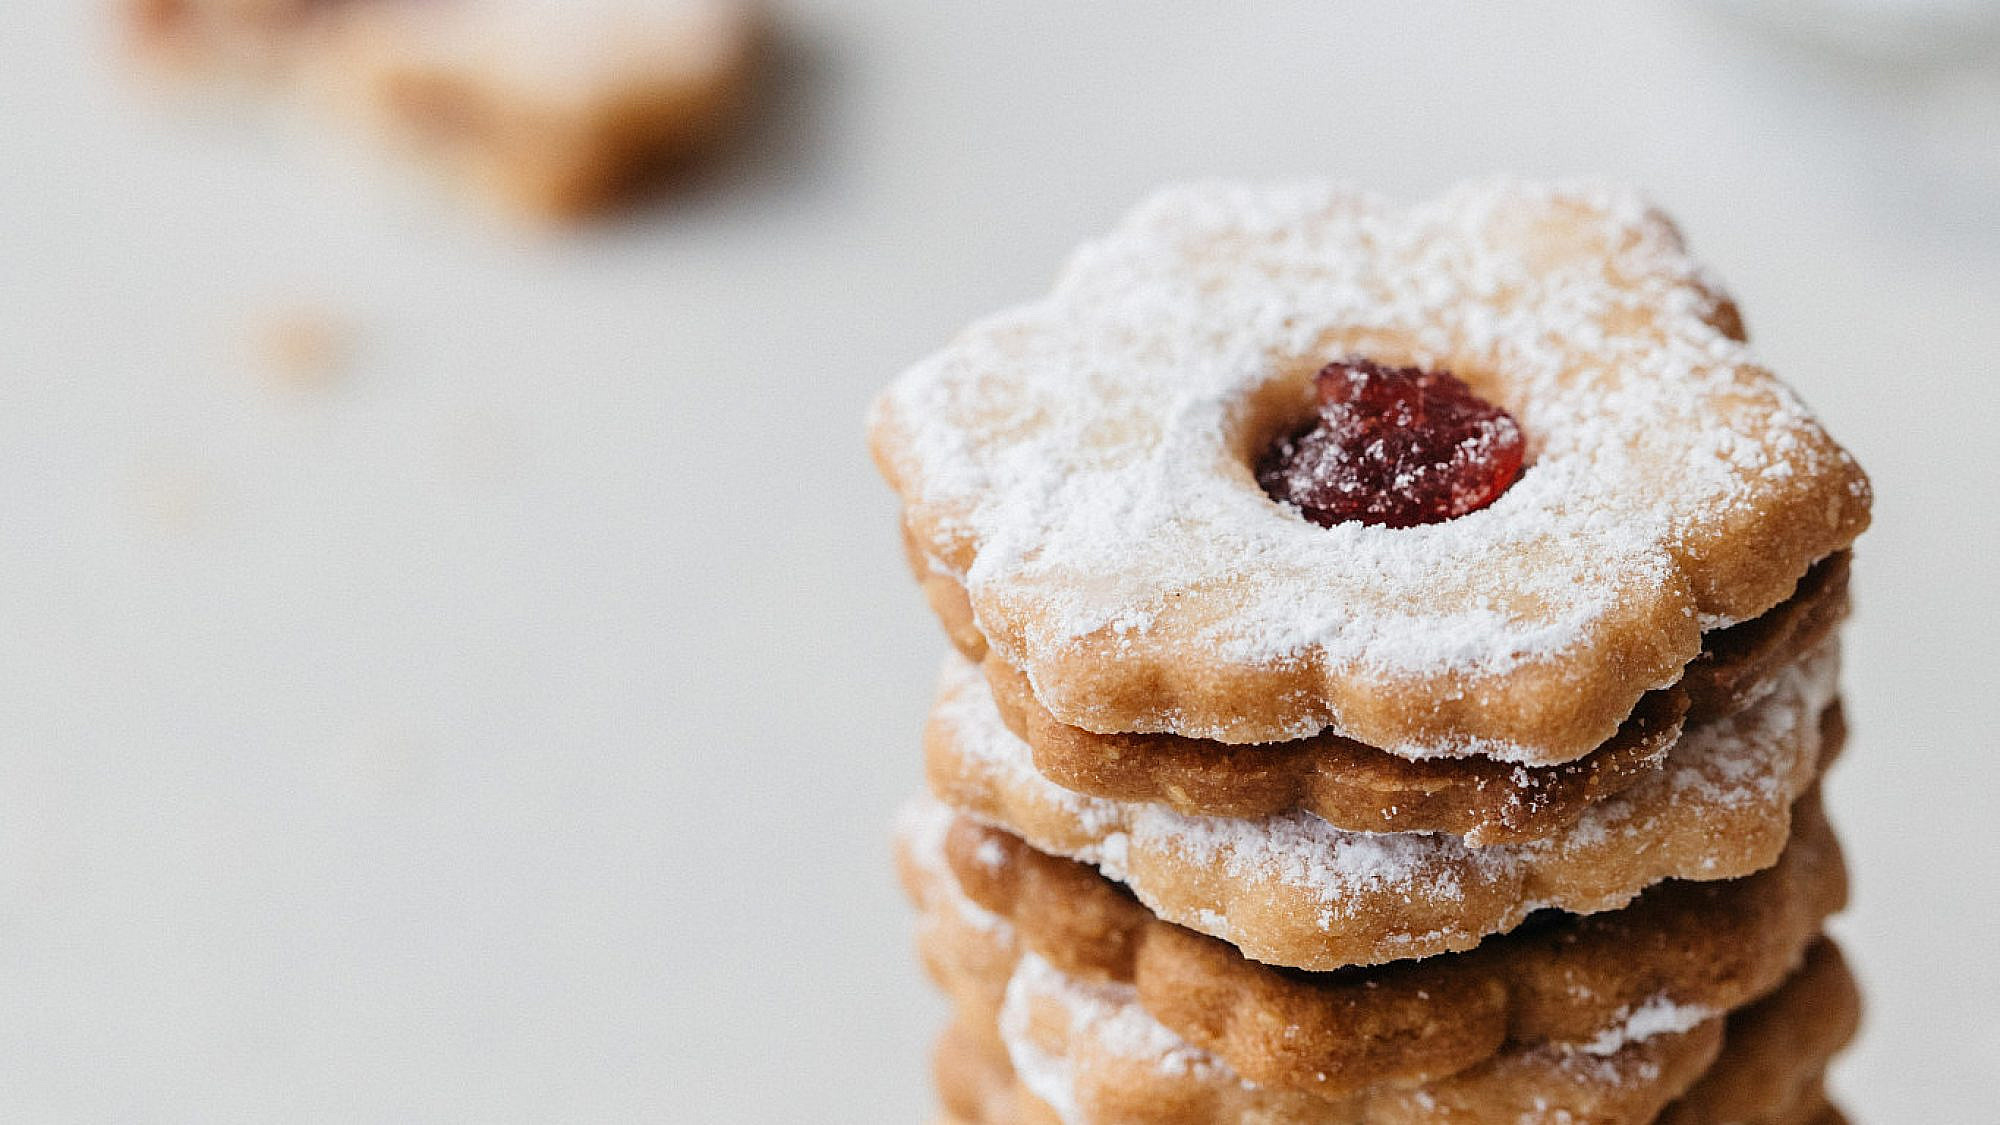 עוגיות ריבה של קרן קדוש. צילום: אבישג שאר-ישוב.